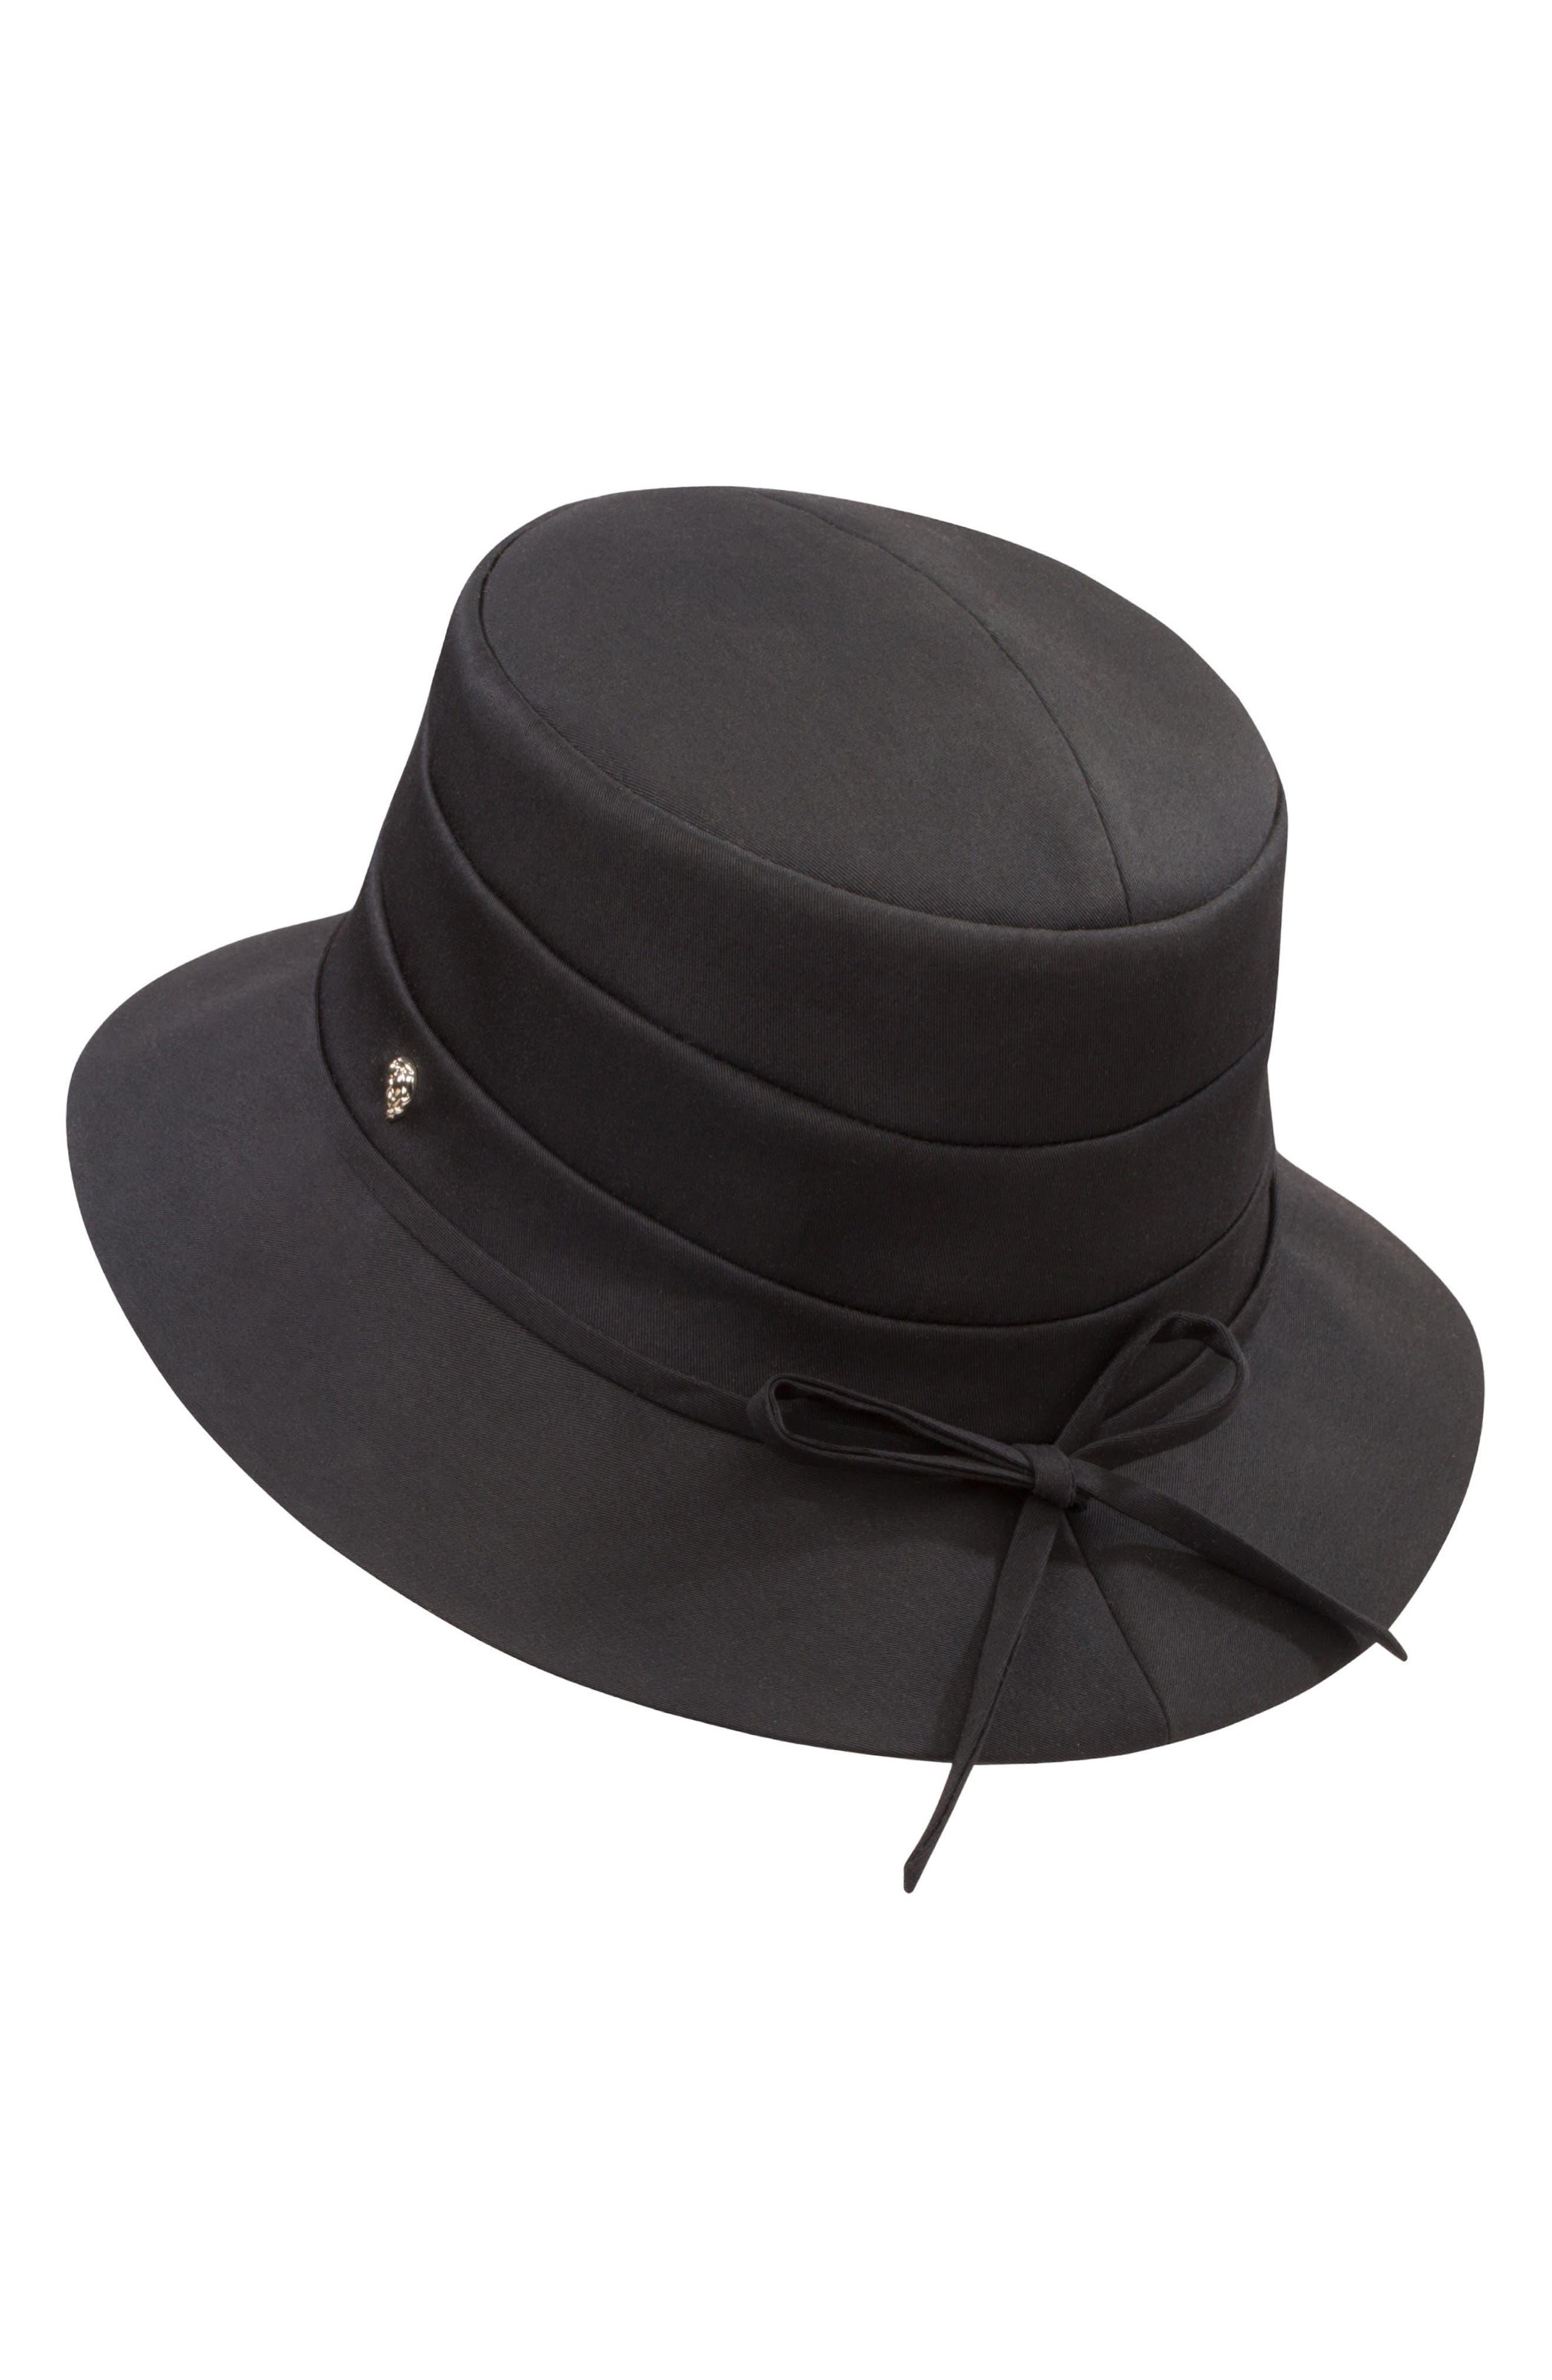 Medium Brim Water-Resistant Hat,                         Main,                         color, Black